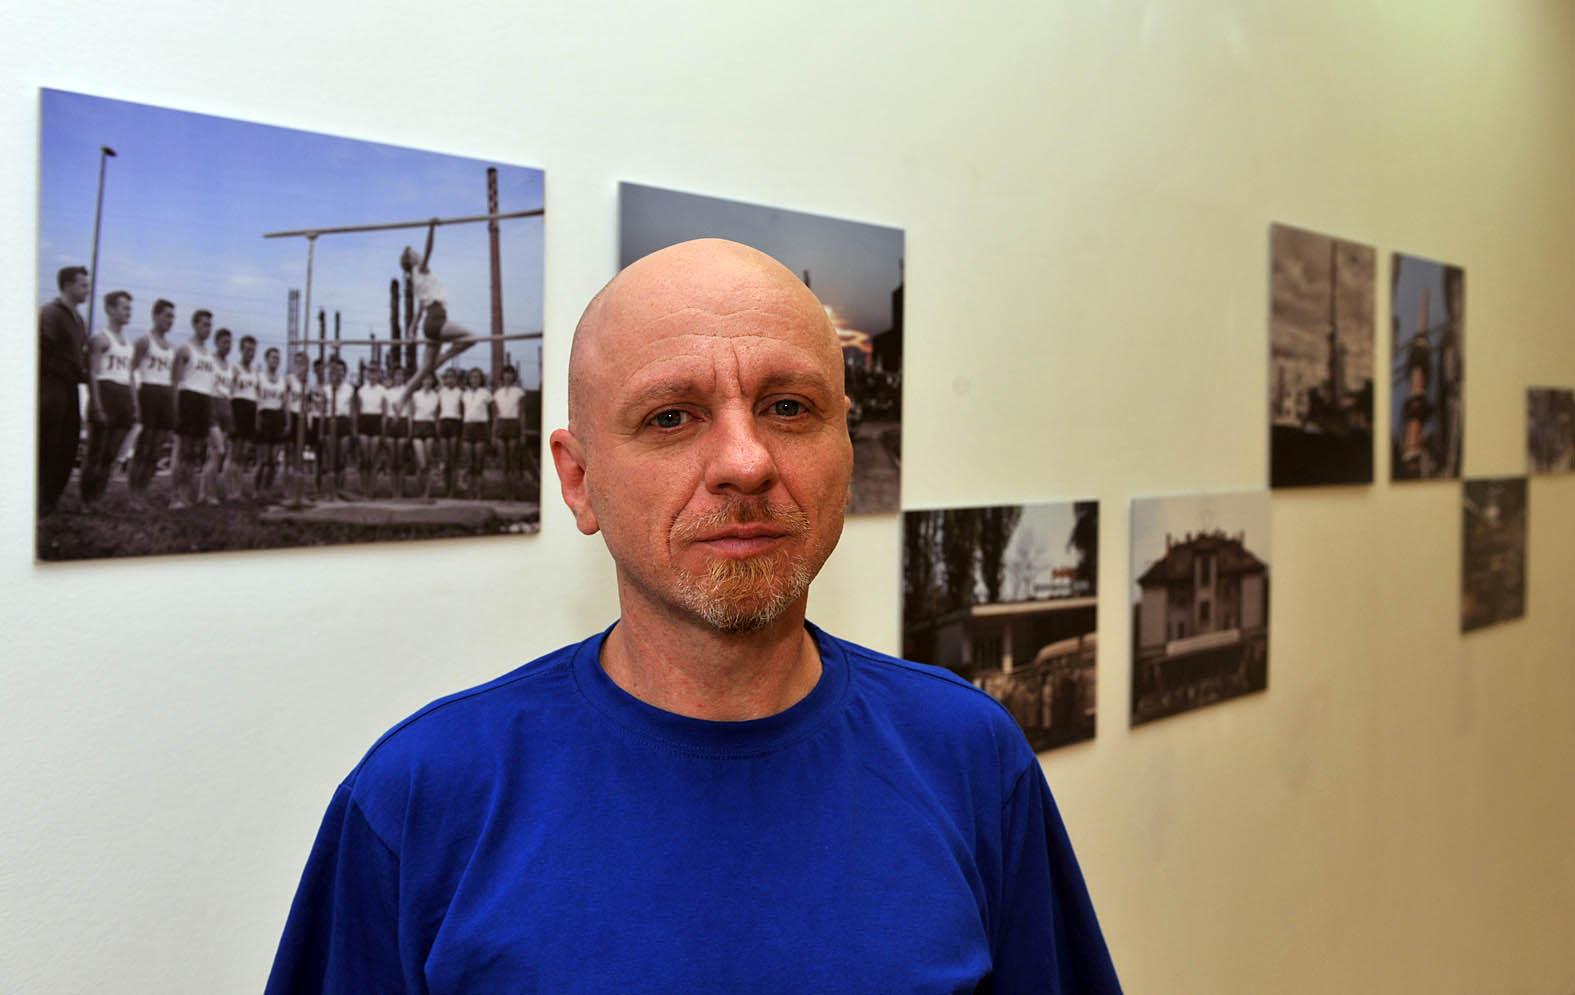 Marijan Crtalić na riječkoj izložbi / Snimio Damir ŠKOMRLJ